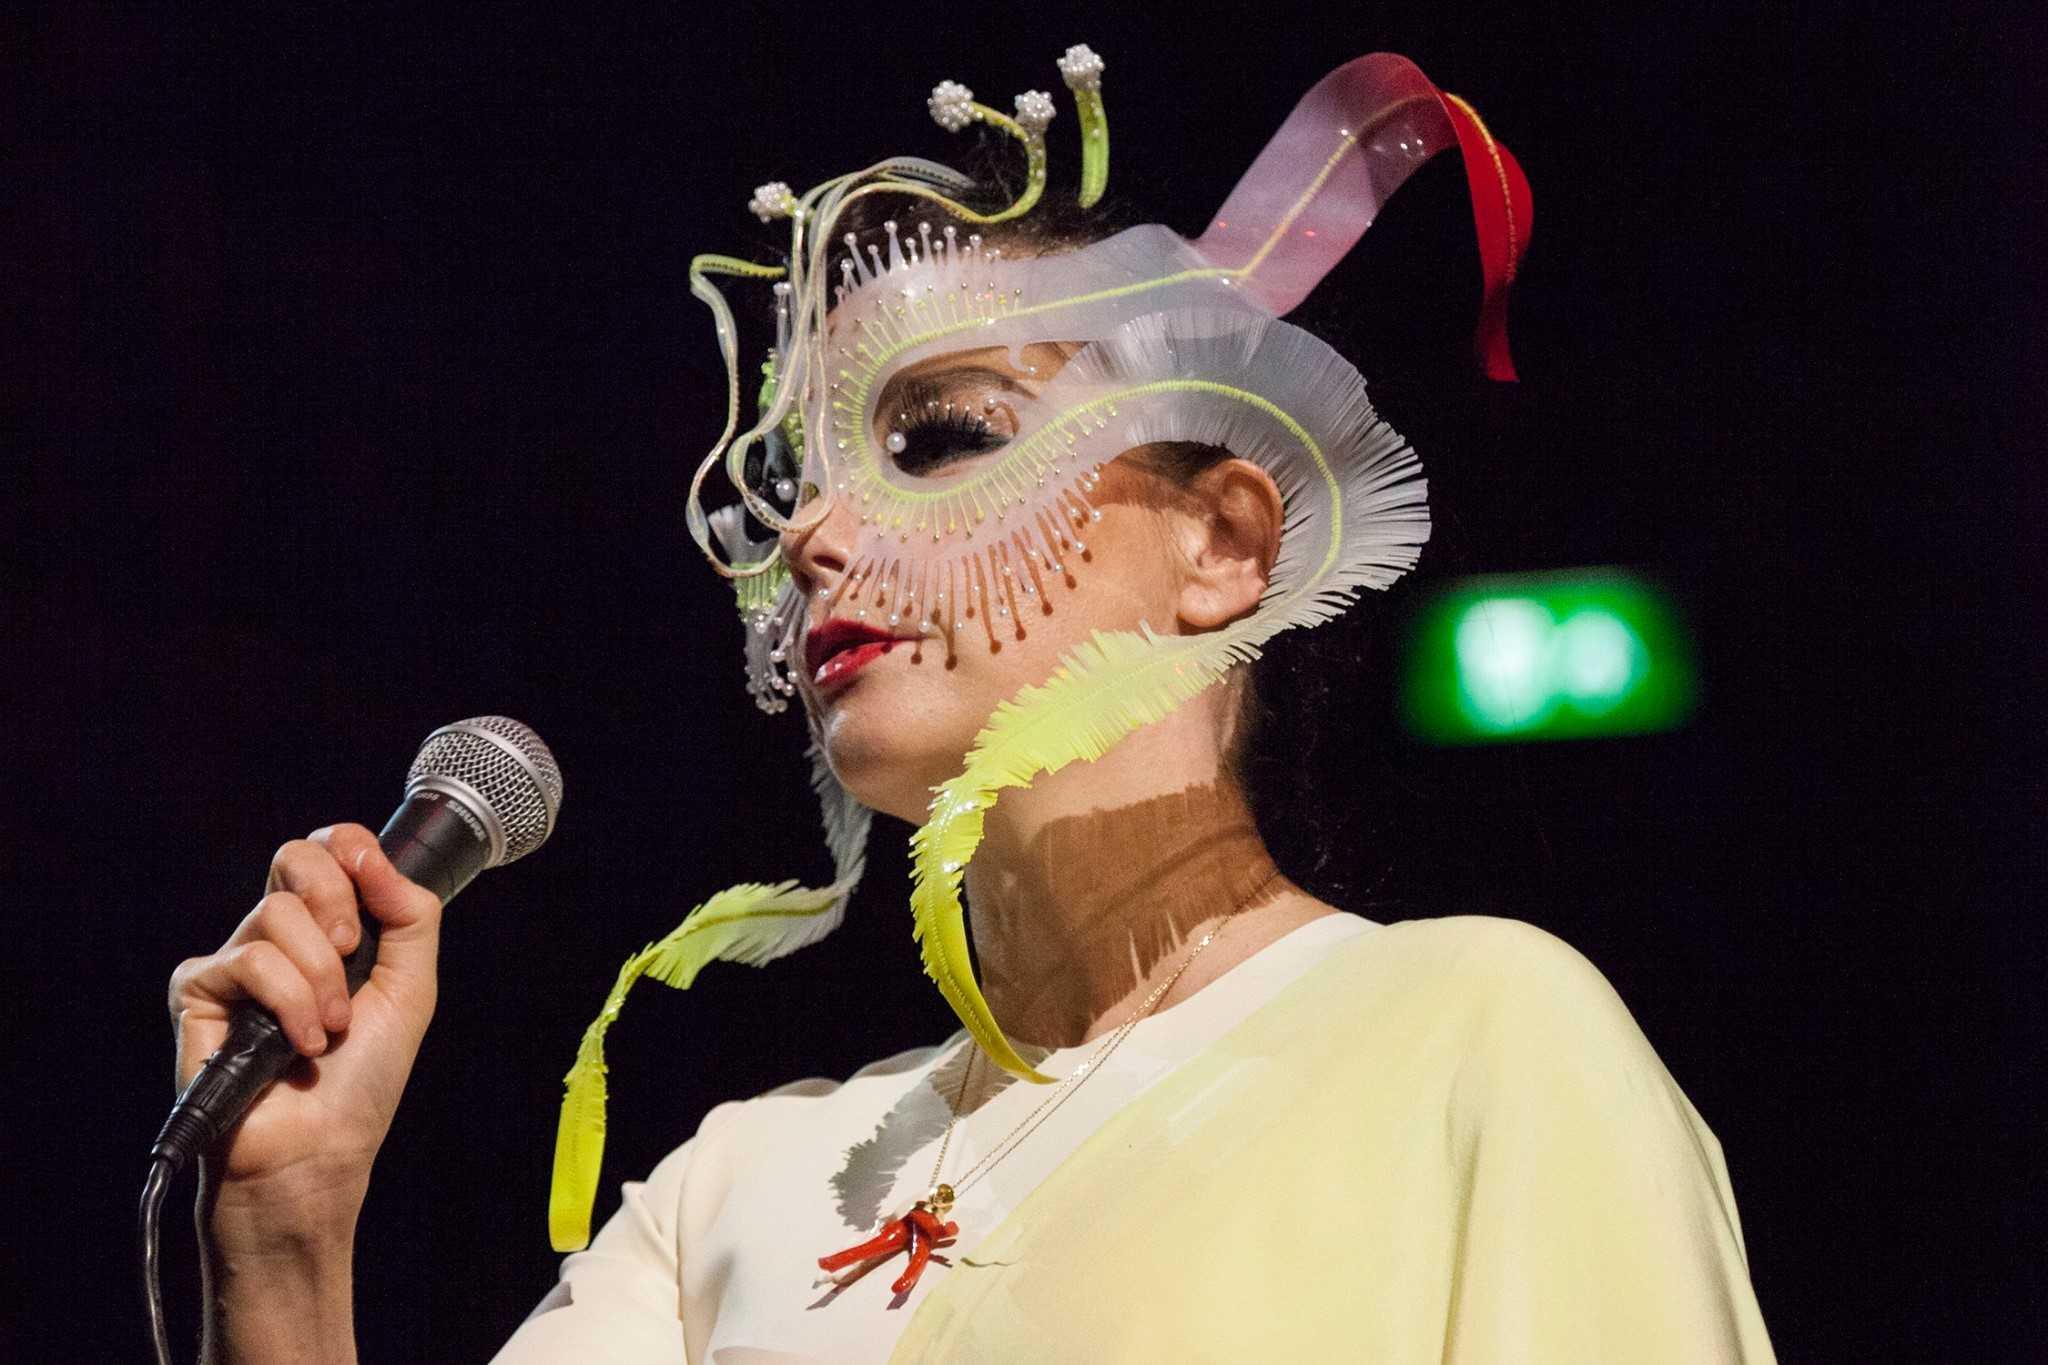 El nuevo álbum de Björk llegará muy pronto